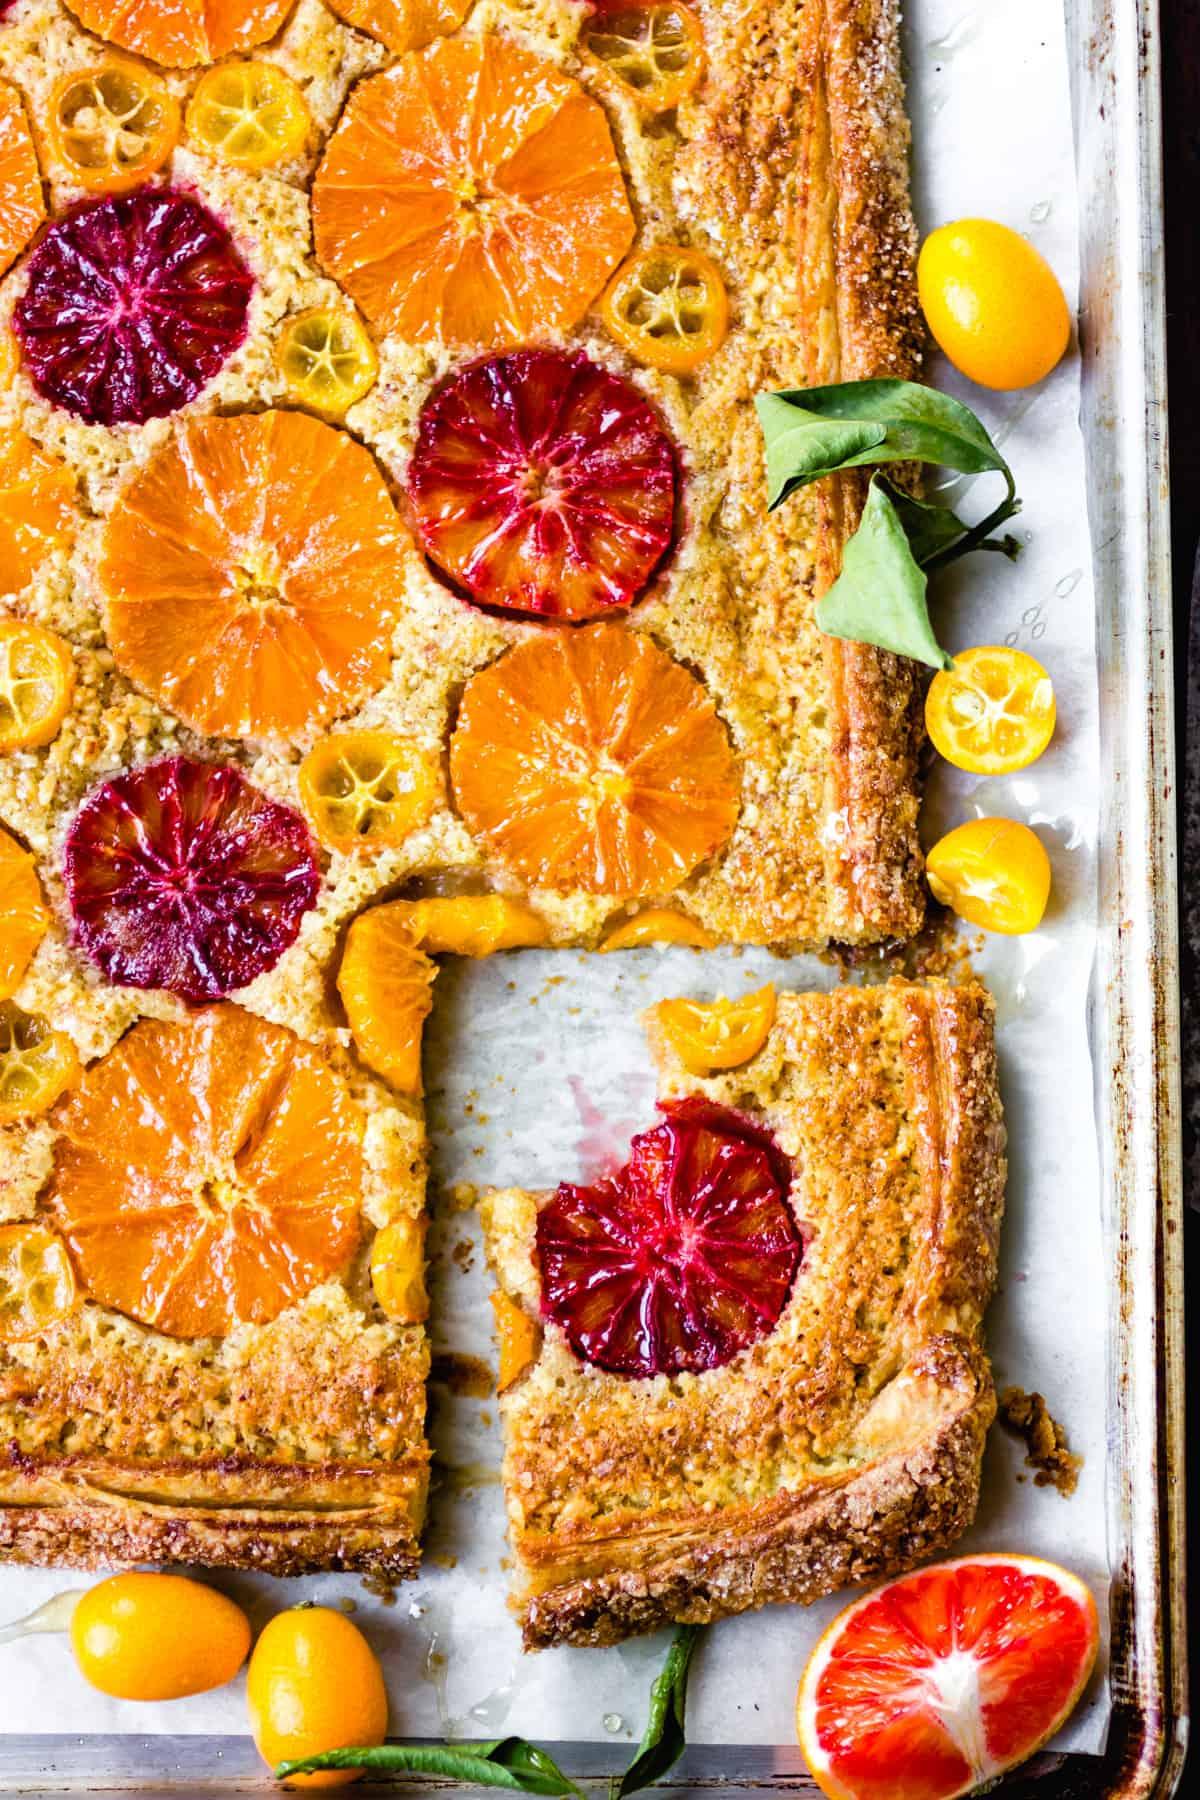 Rustic Citrus Almond Tart